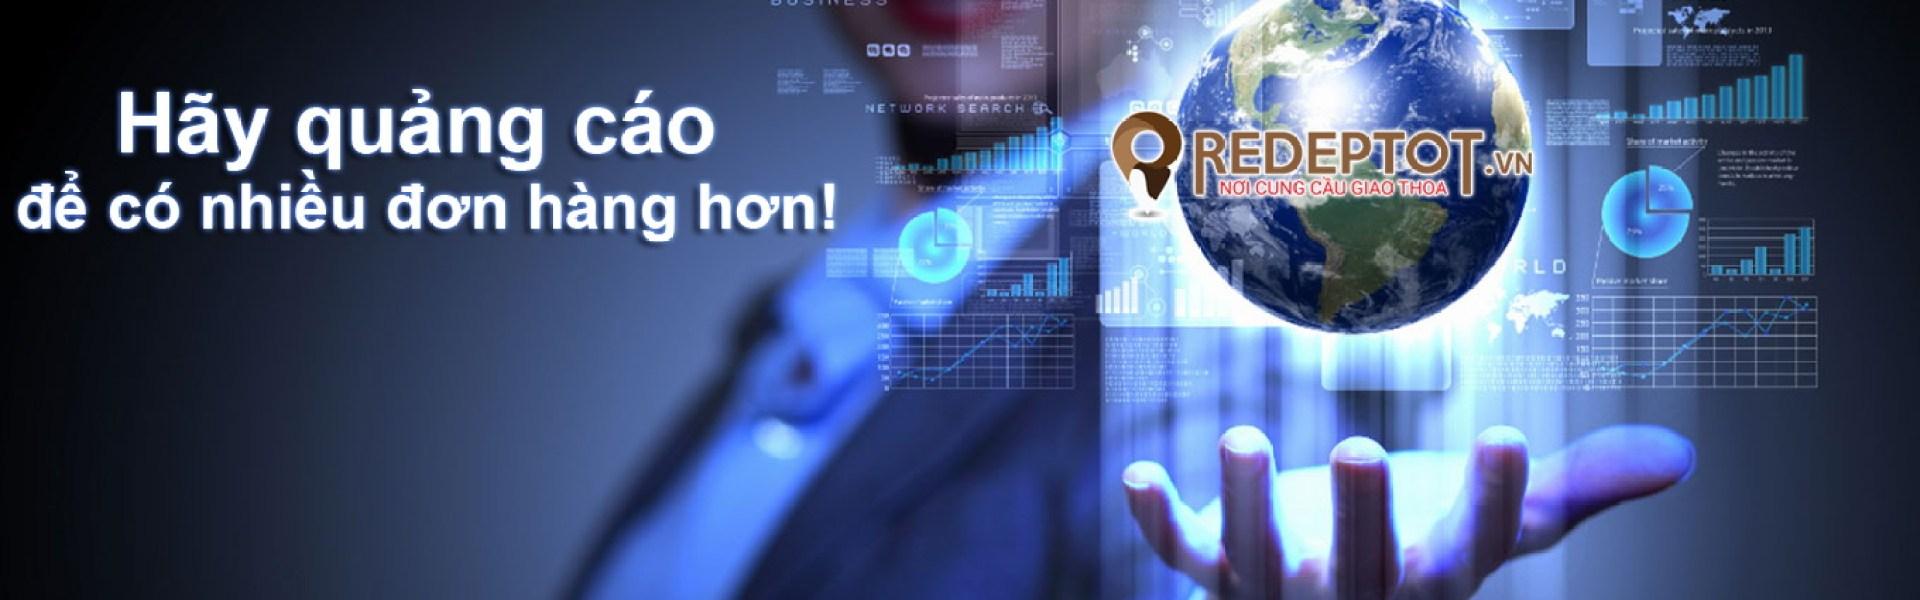 Dịch Vụ Digital Marketing – Quảng Cáo Online Thiết Kế Website - Hiệu Quả – Giá Rẻ – Trọn Gói – Uy Tín